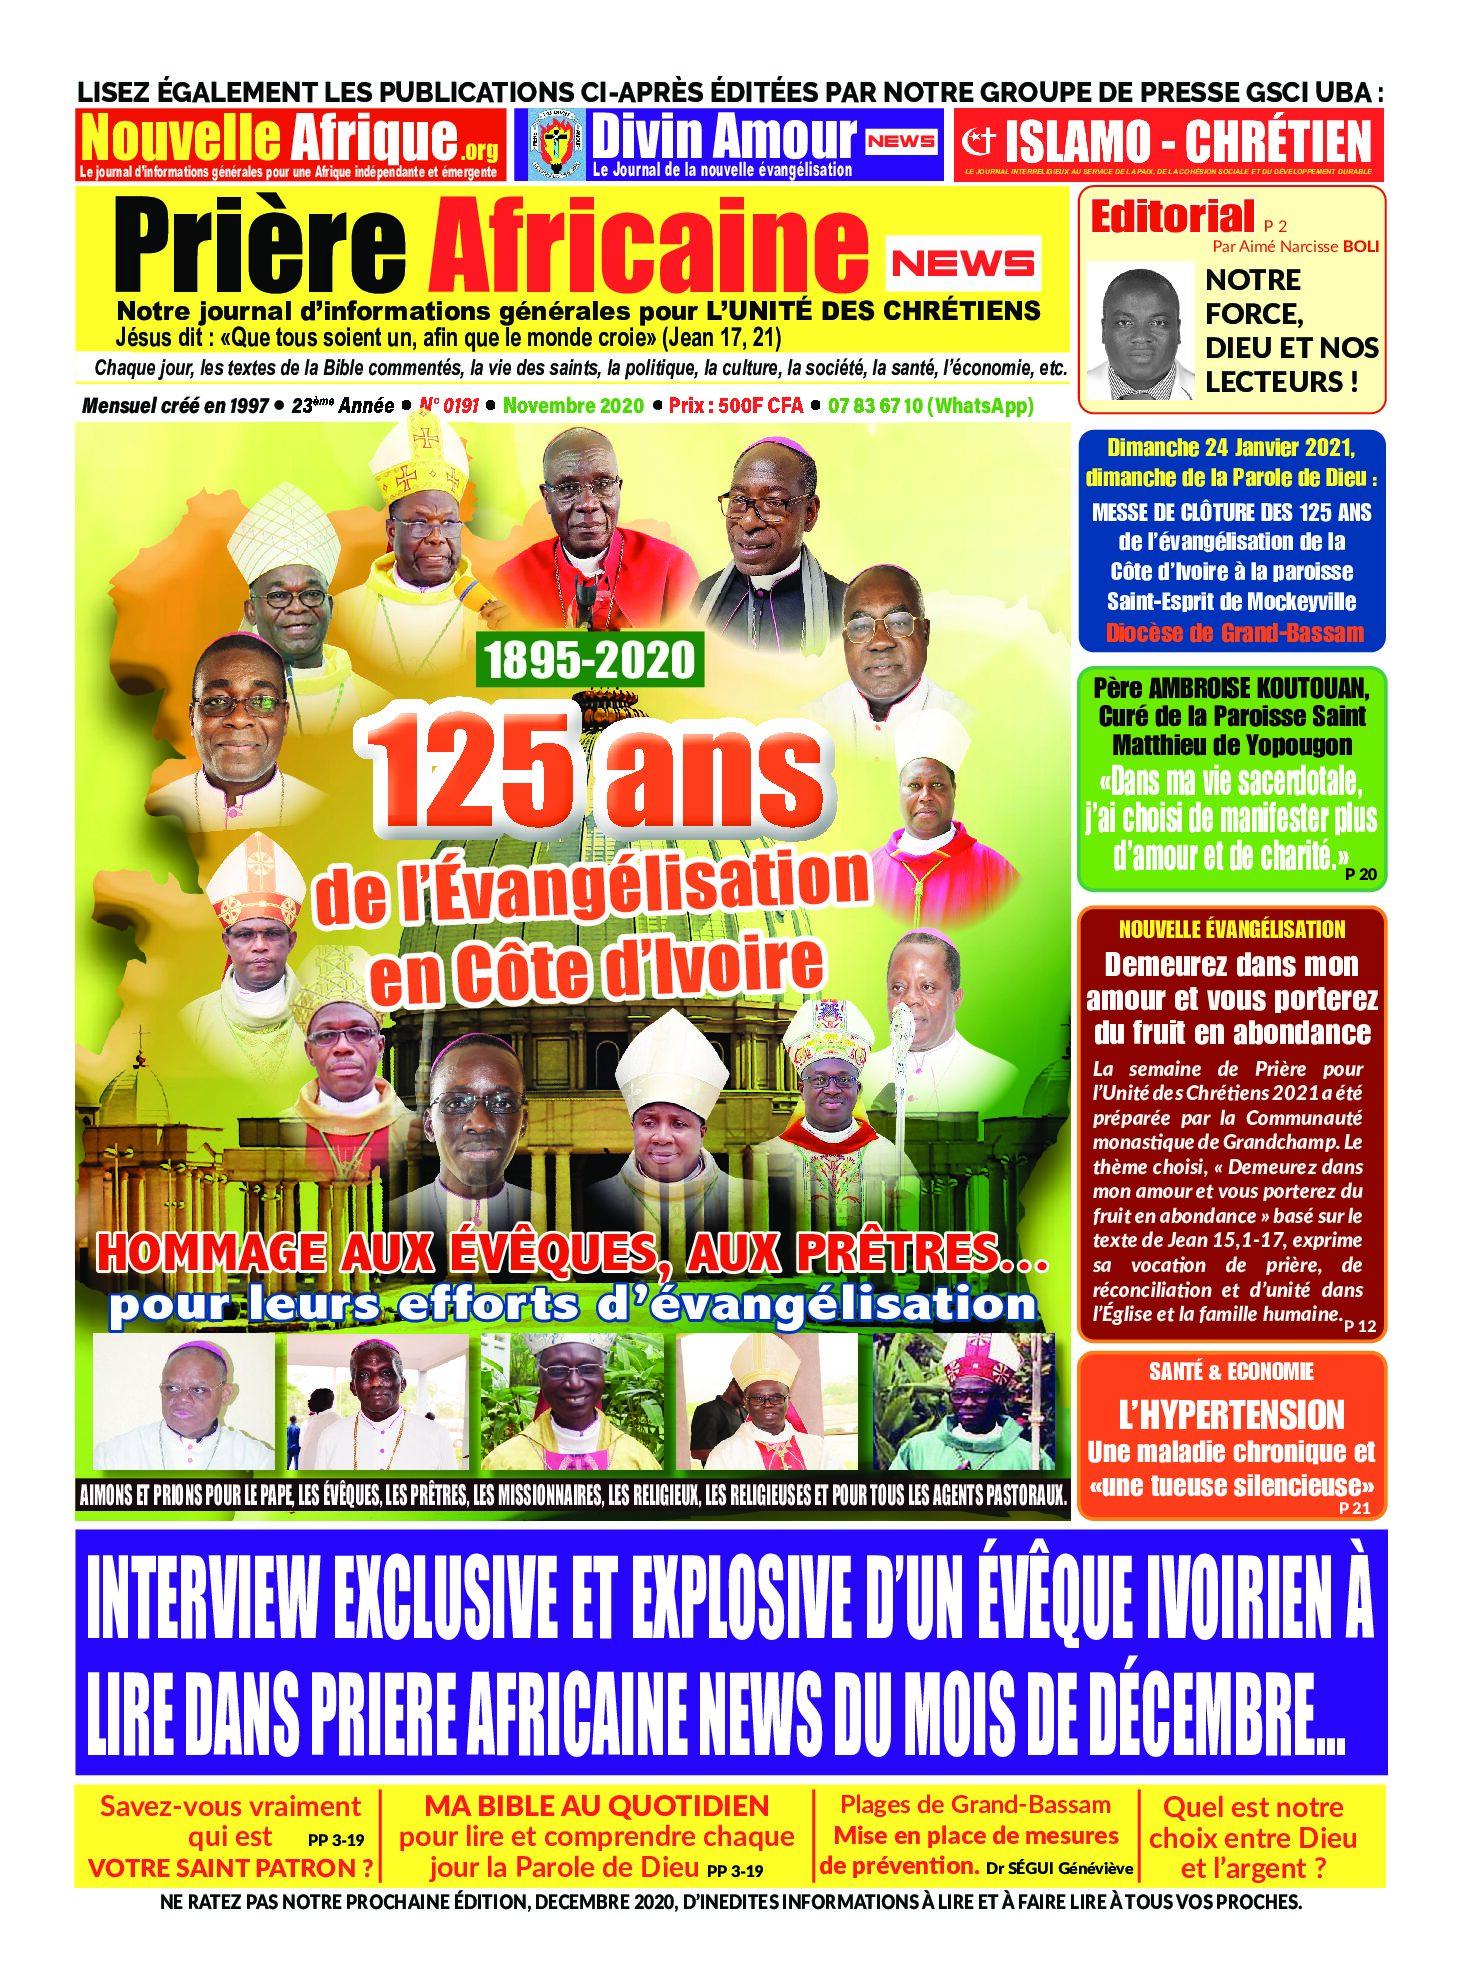 LISEZ ET FAITES LIRE PRIÈRE AFRICAINE DE DÉCEMBRE 2020 OFFERTE GRACIEUSEMENT PAR NOS PARTENAIRES  !!! (Lire la pièce jointe)